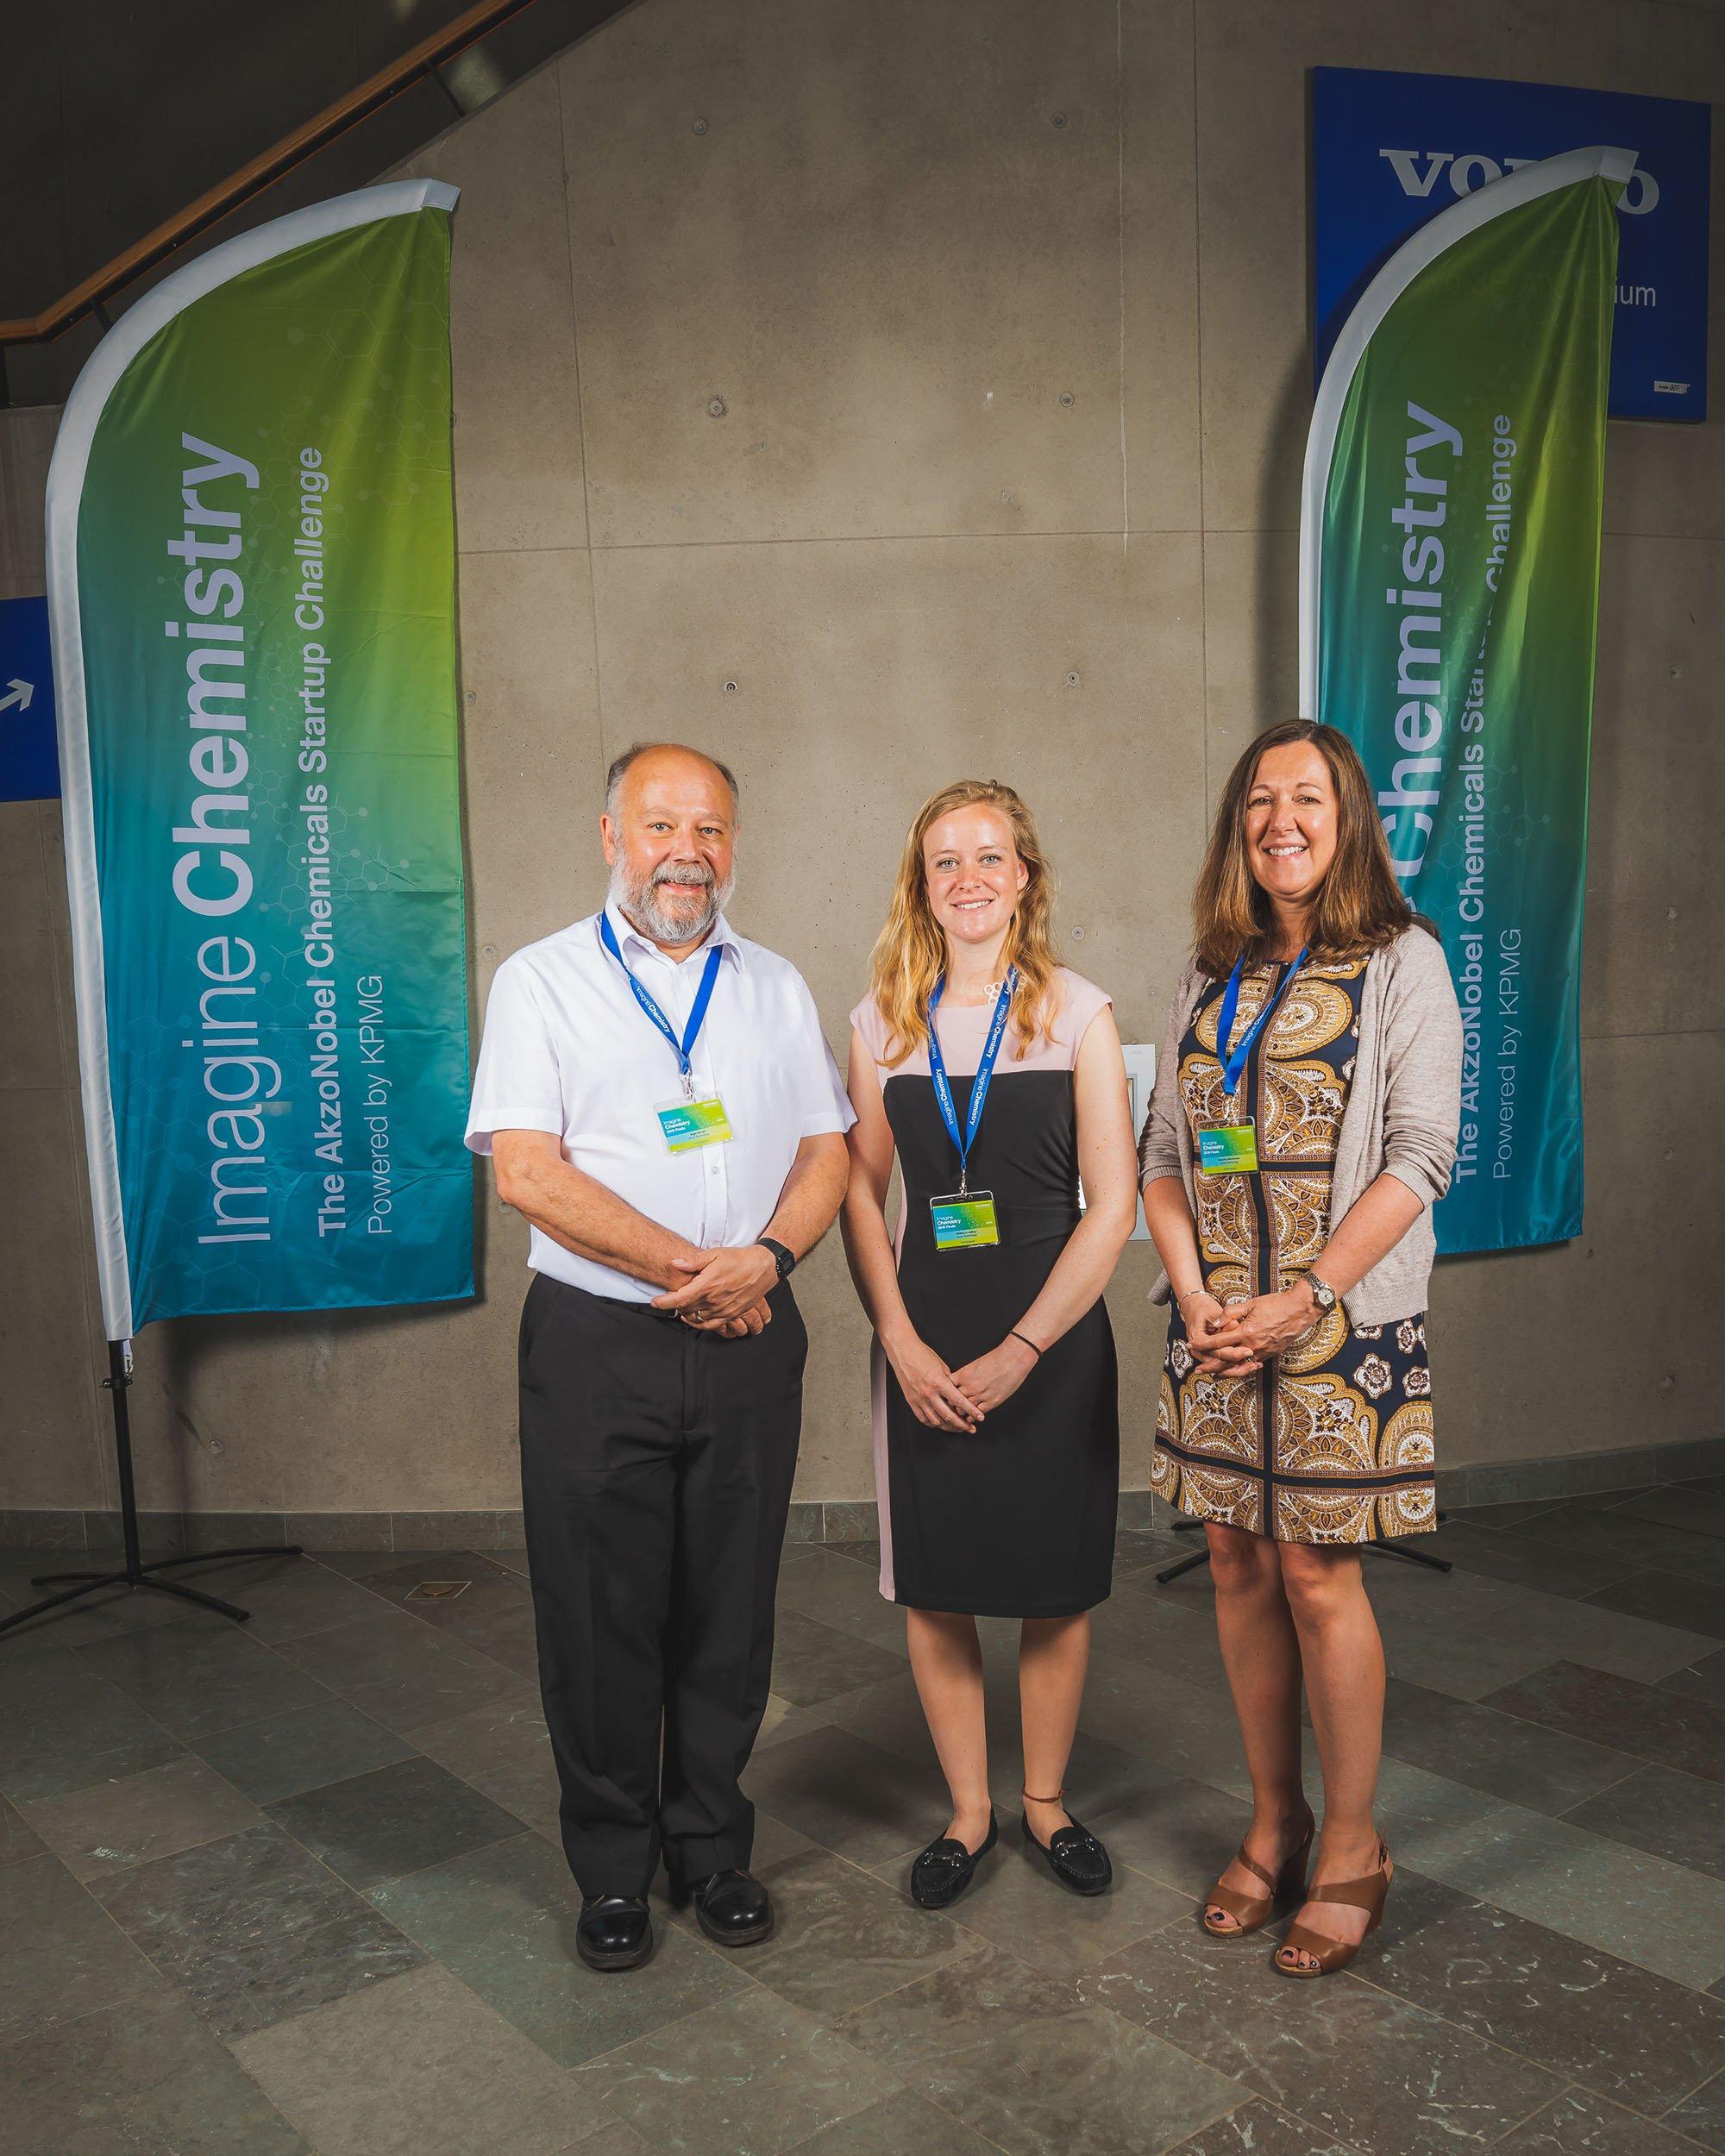 Arvia AkzoNobel Award